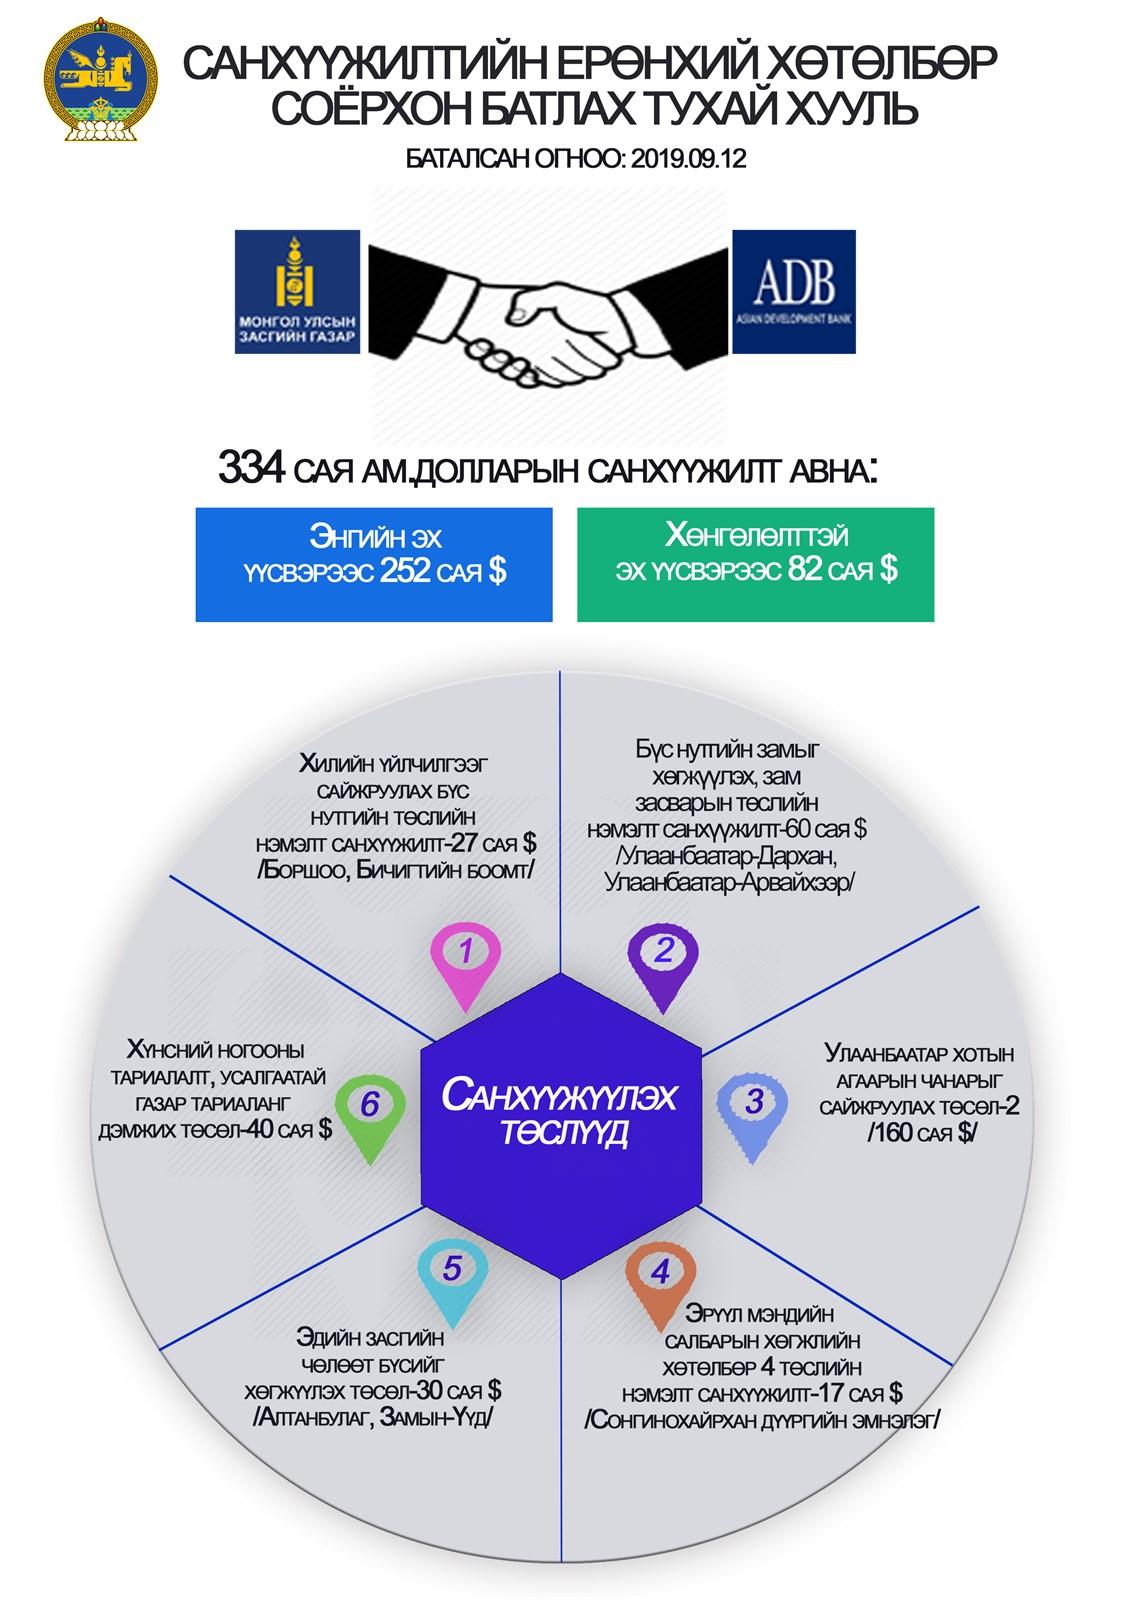 Инфографик: Санхүүжилтийн ерөнхий хөтөлбөр соёрхон батлах тухай хуулийн танилцуулга